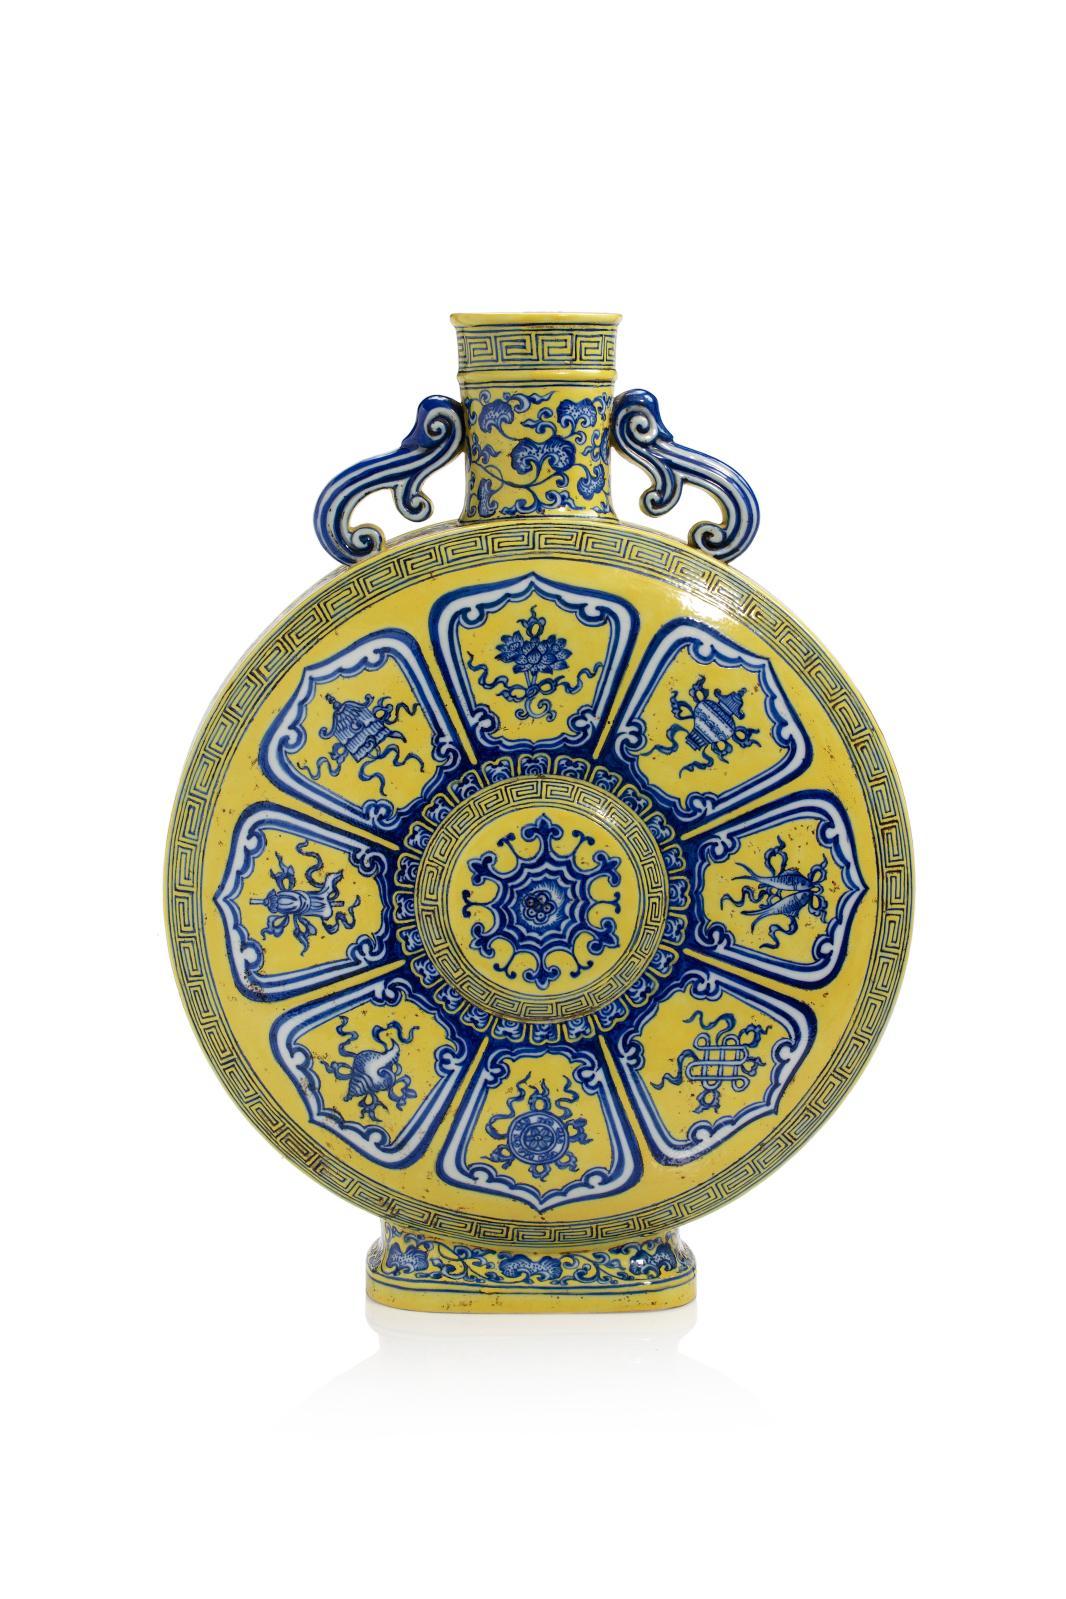 Destinée à l'origine au marché du Proche-Orient, la forme de gourde connue sous la dénomination chinoise de bianhu («gourde du pèlerin») ou yueping («